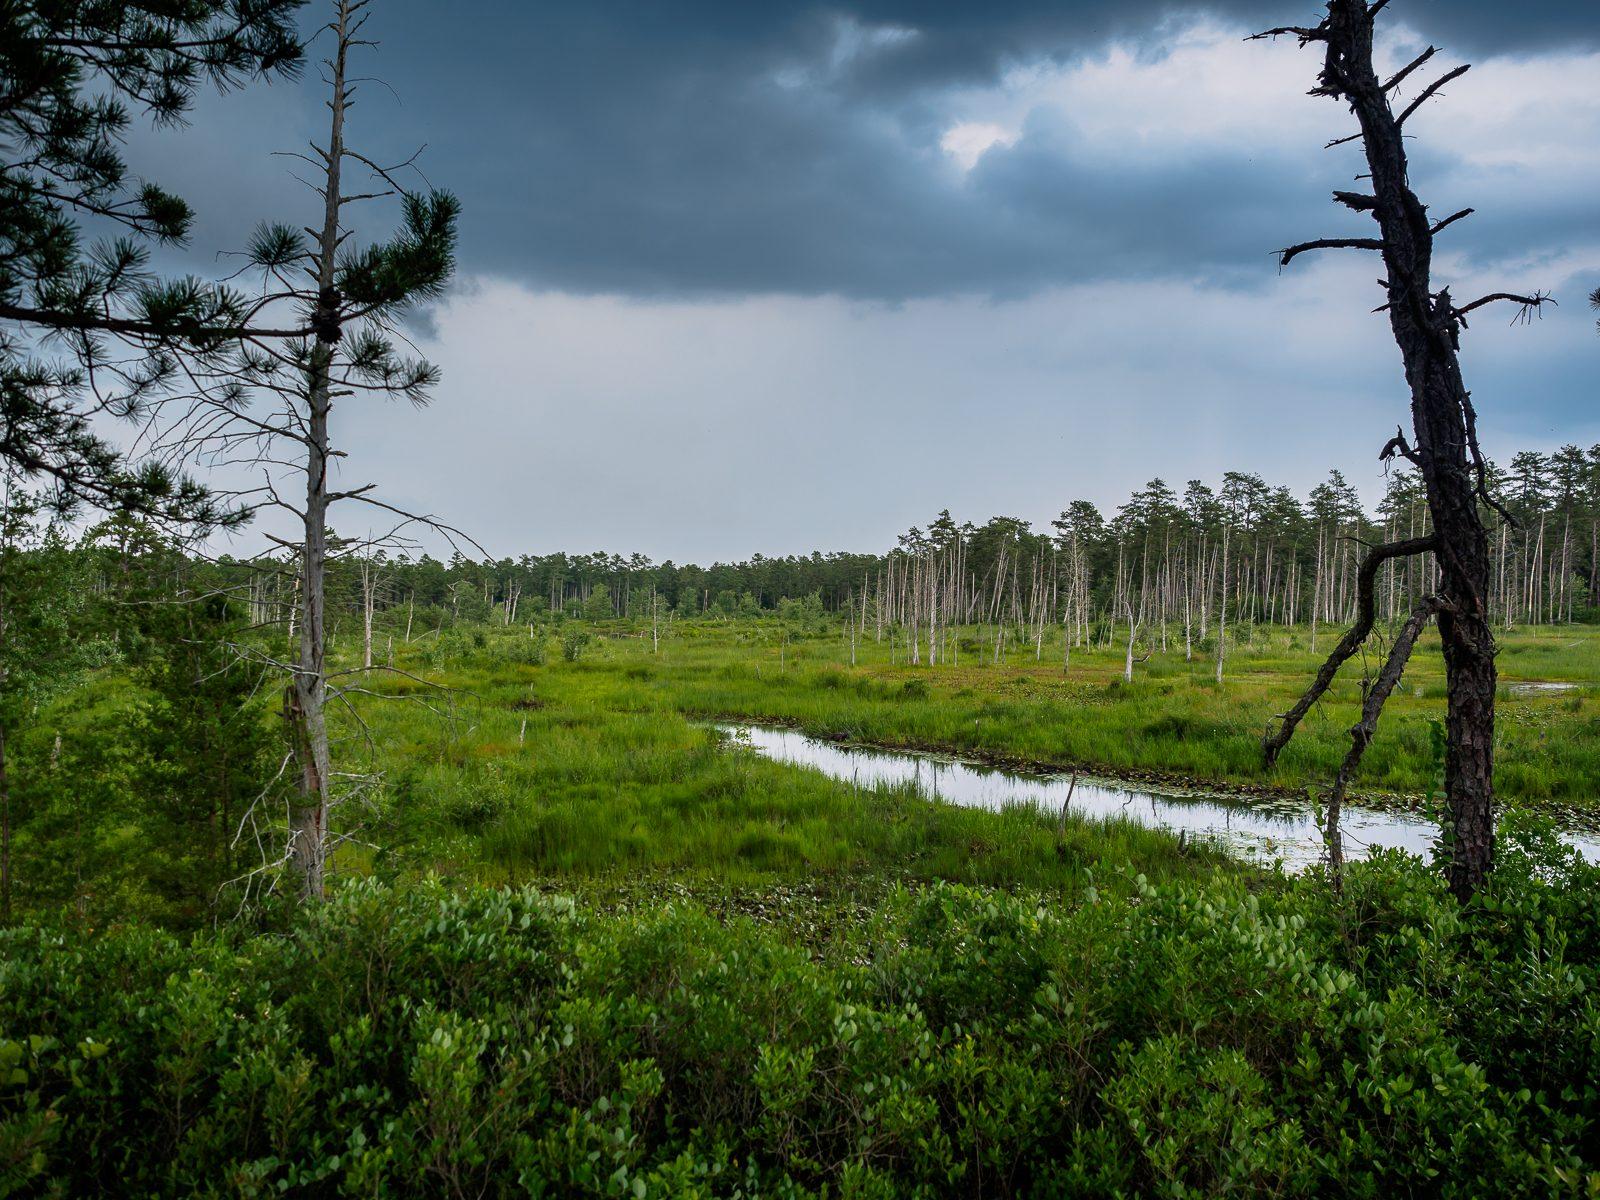 forest-island-Washington-NJ-7080017